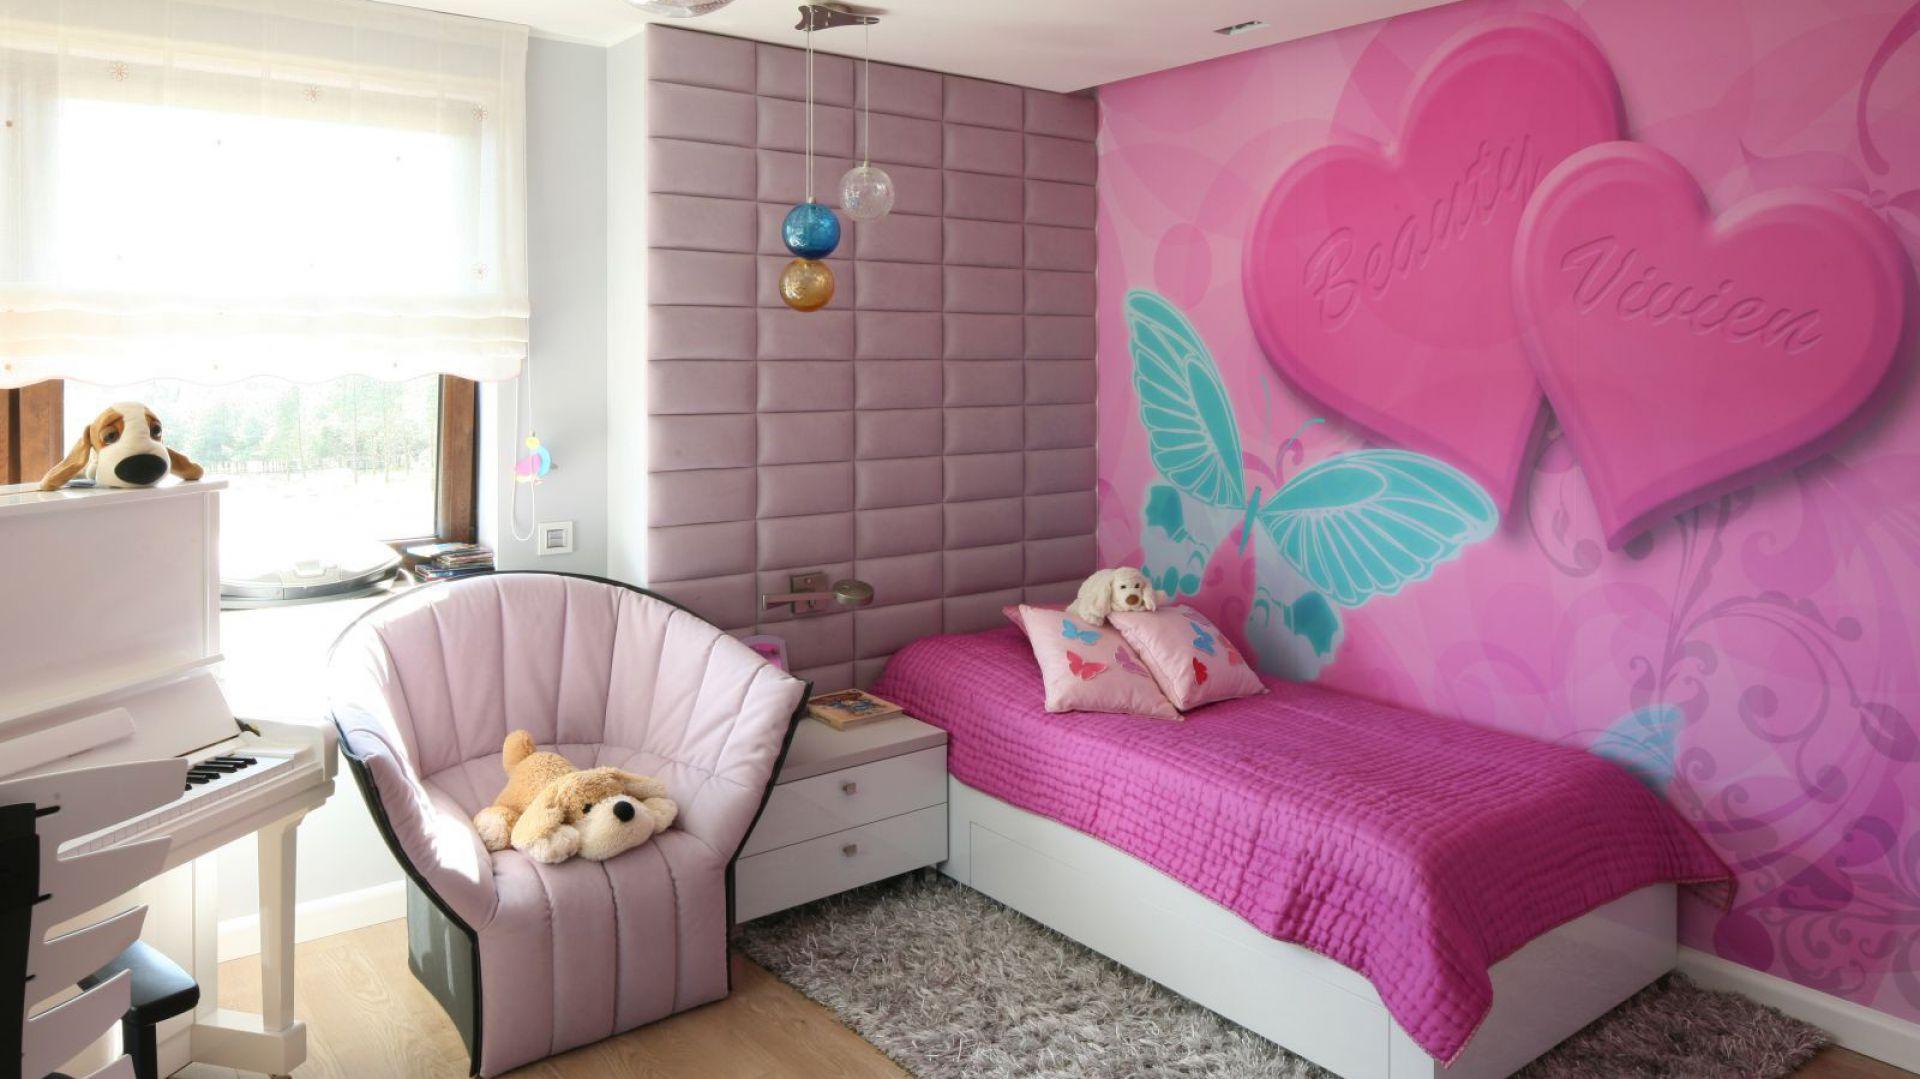 W strefie sypialnej pokoju dominuje wiele tonacji różu. Fot. Archiwum Dobrze Mieszkaj.